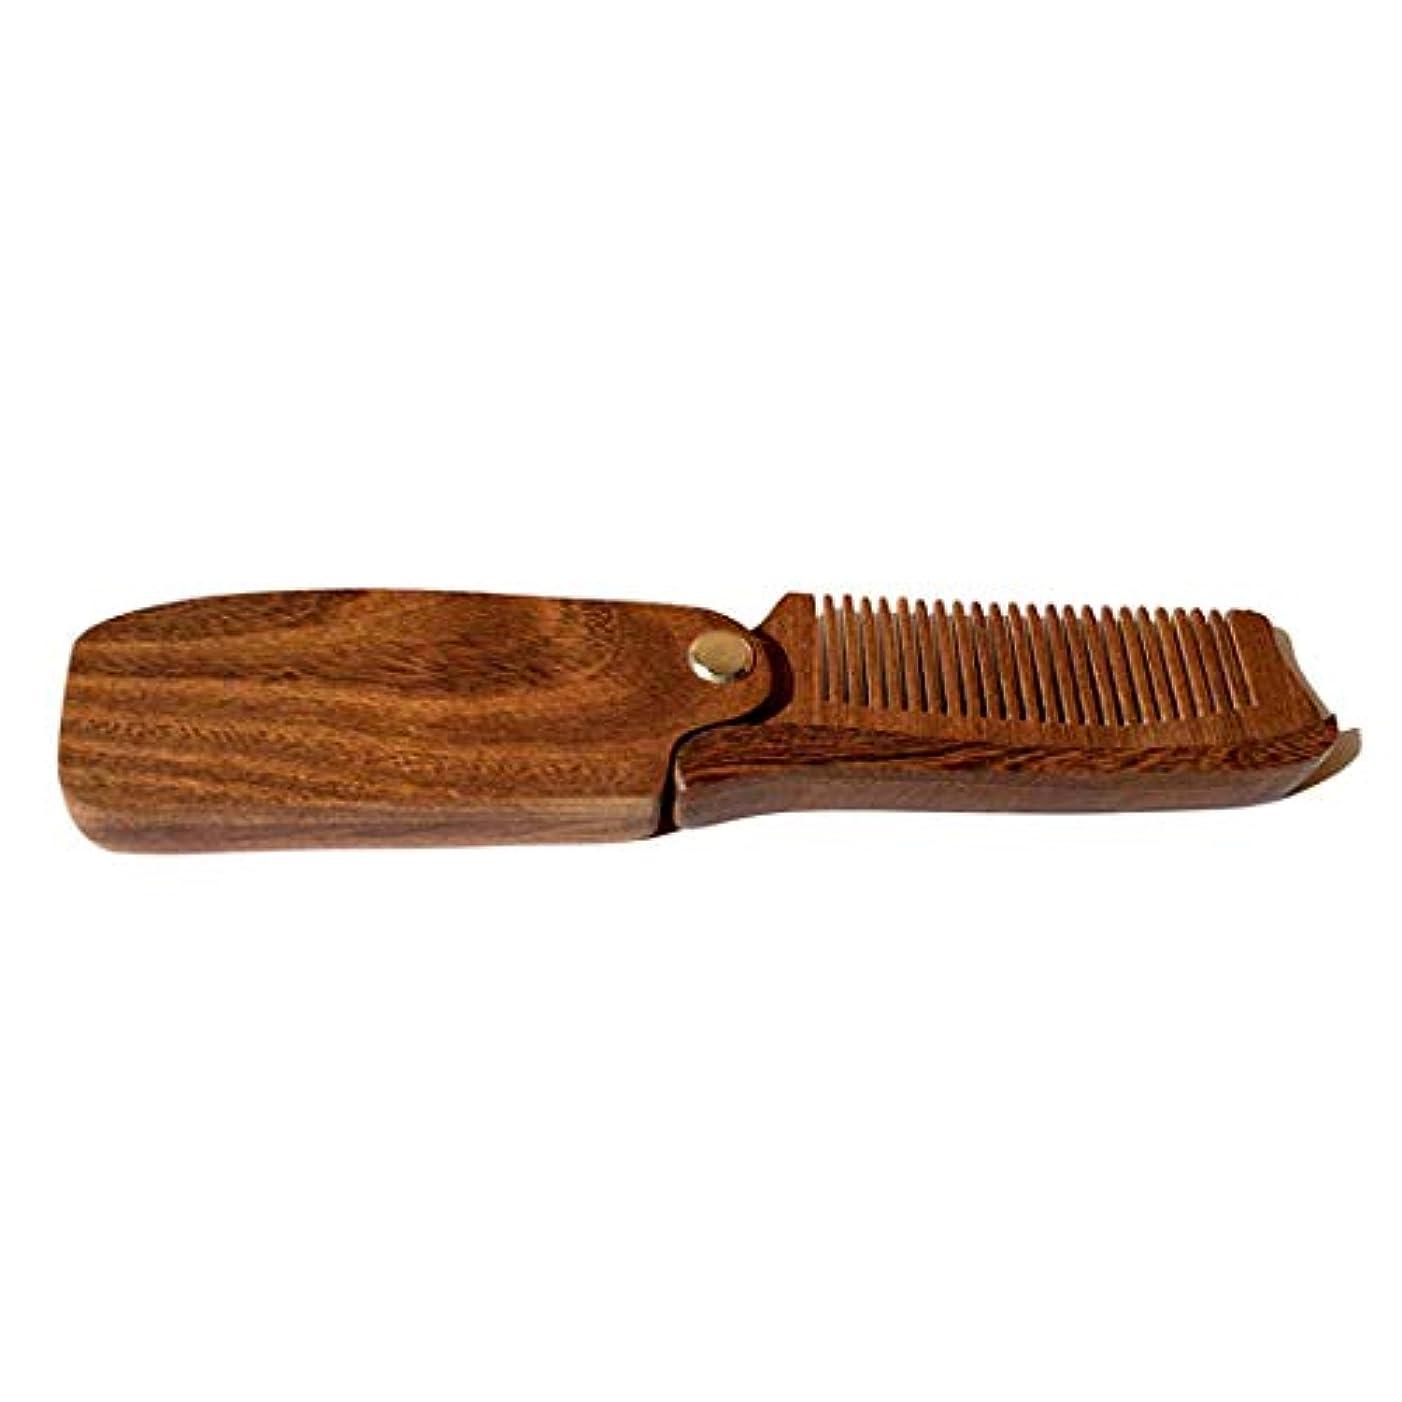 夜エゴイズムブレスキャリーケース付き折りたたみ木製くし男性の髪、ひげと口ひげのスタイリングくし - ポケットサイズ、耐久性、帯電防止白檀のくし モデリングツール (色 : Wood color)